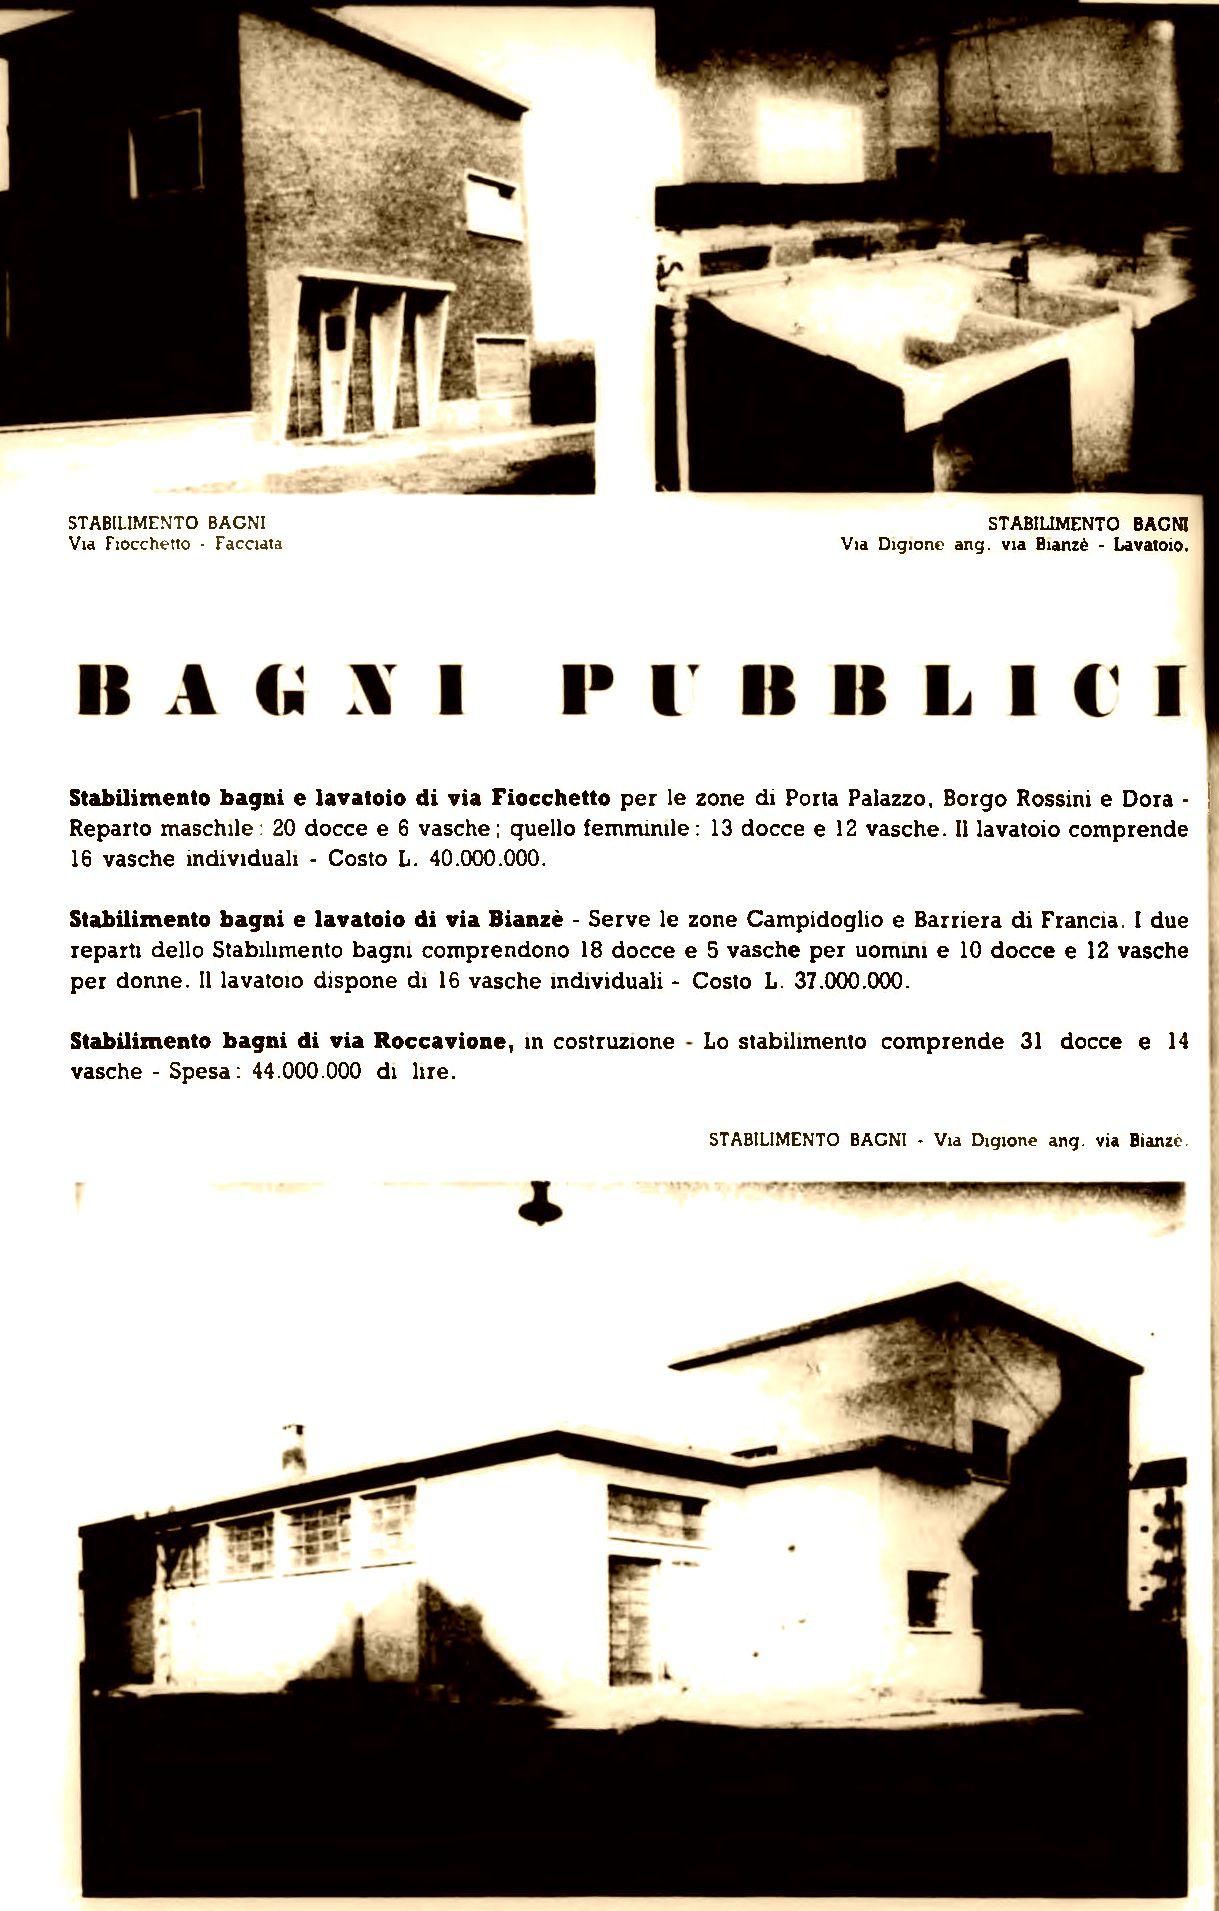 bagni pubblici via disione